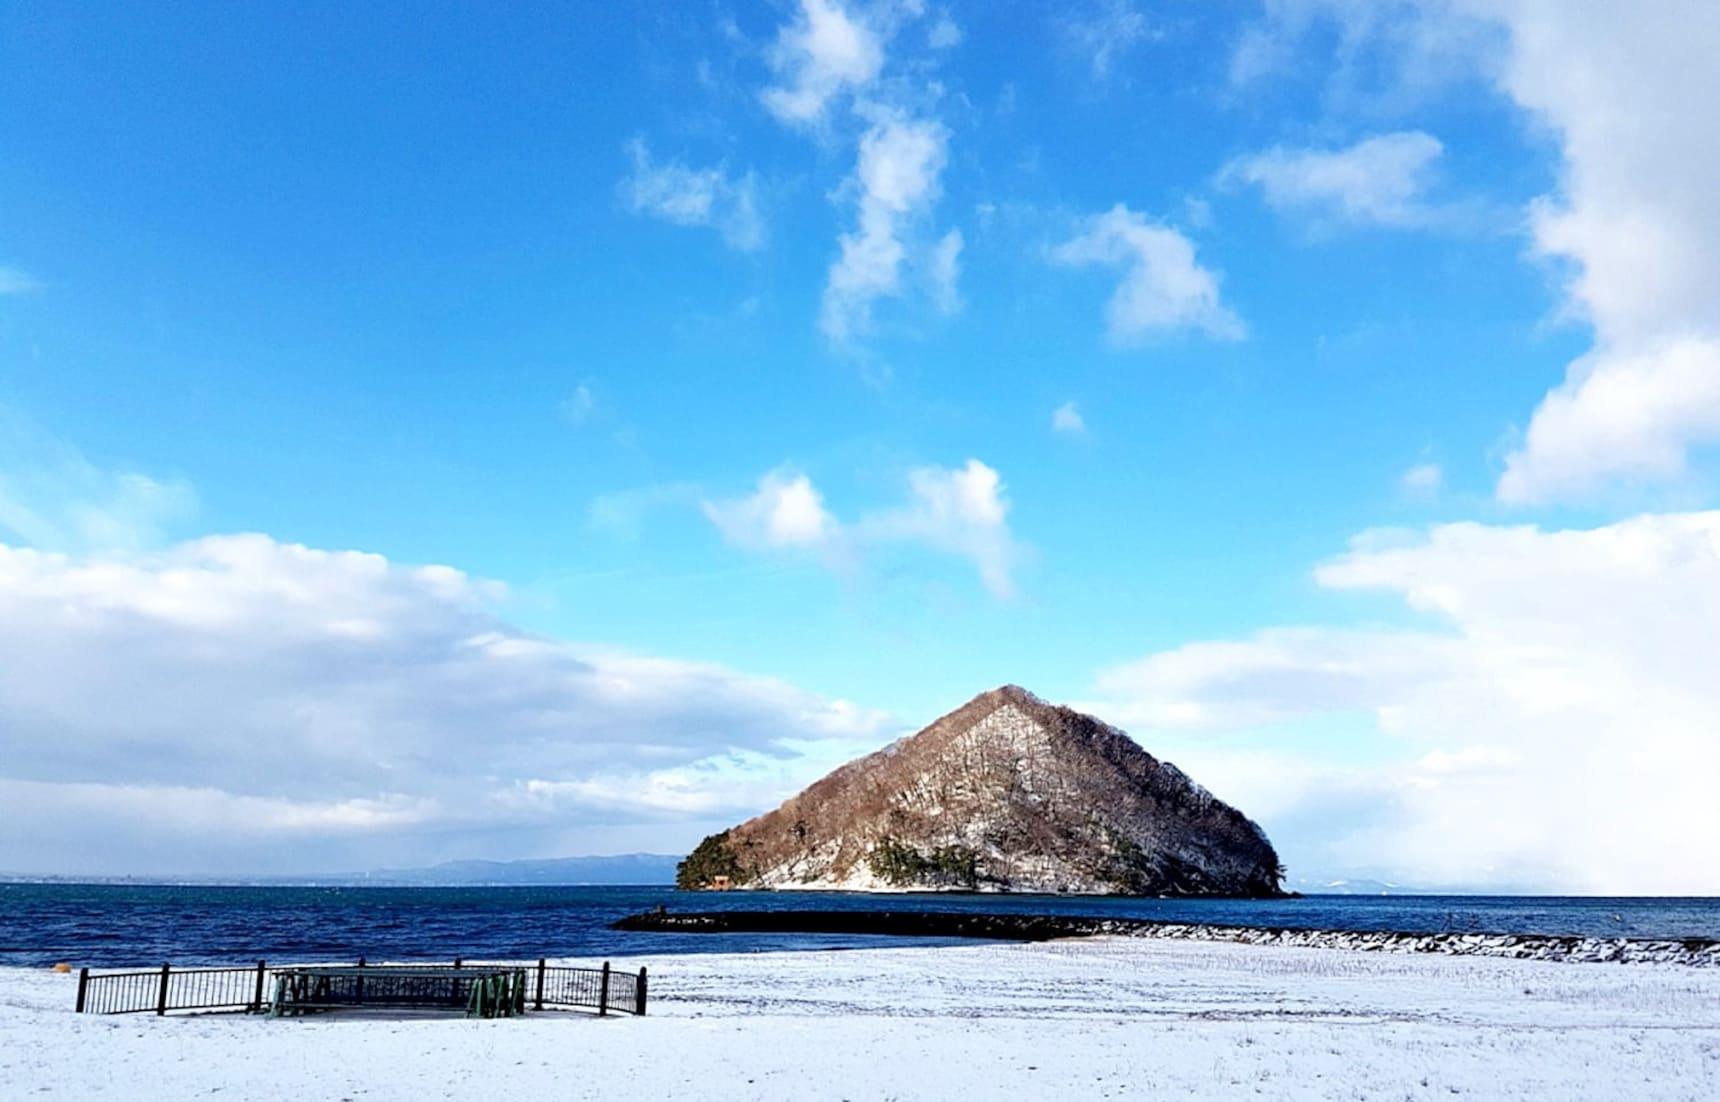 一个人去旅行,冬日东北&纯朴迷人的浅虫温泉小镇